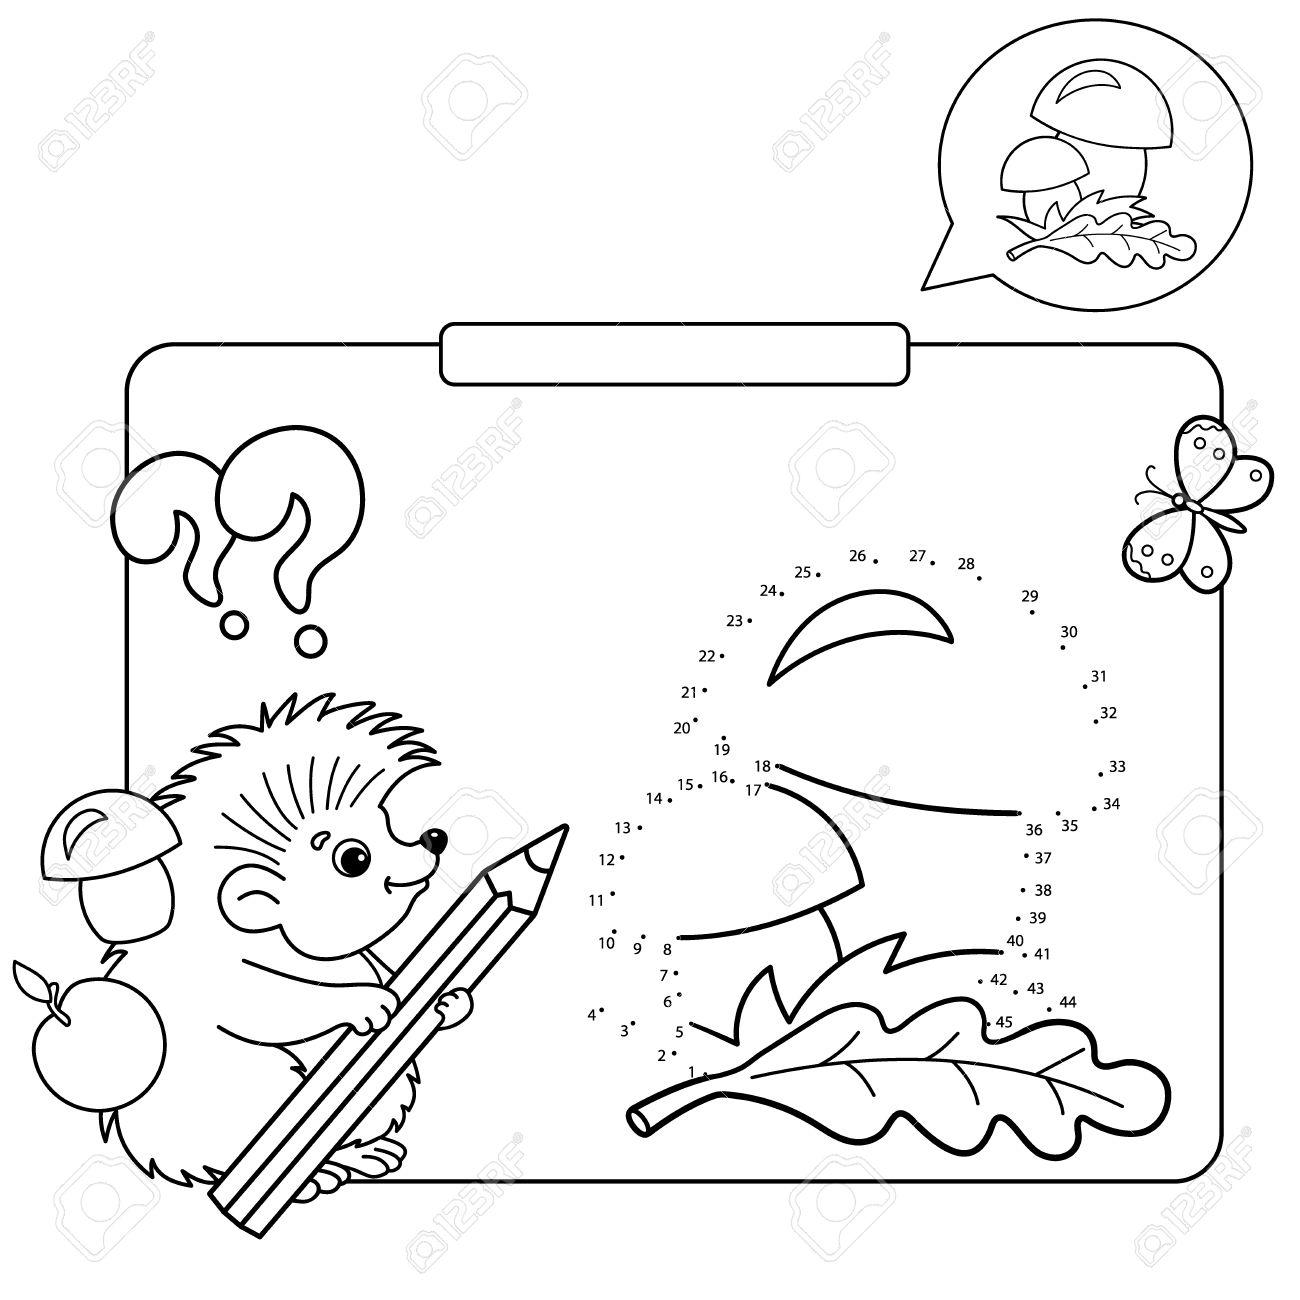 Juegos Educativos Para Niños Juego De Números Hongos Dibujo Para Colorear Contorno De Erizo Con Lápiz Libro Para Colorear Para Niños